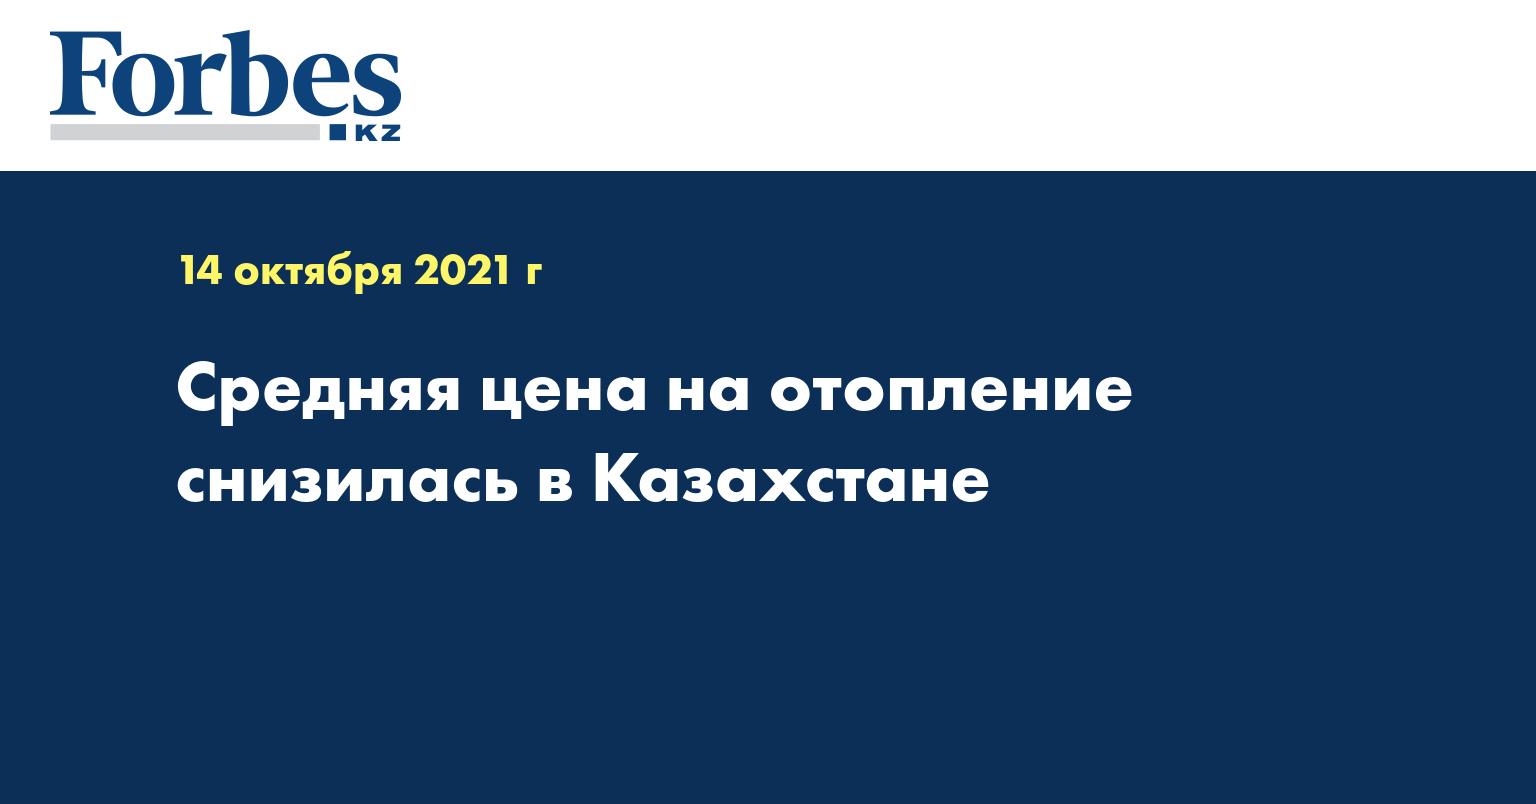 Средняя цена на отопление снизилась в Казахстане